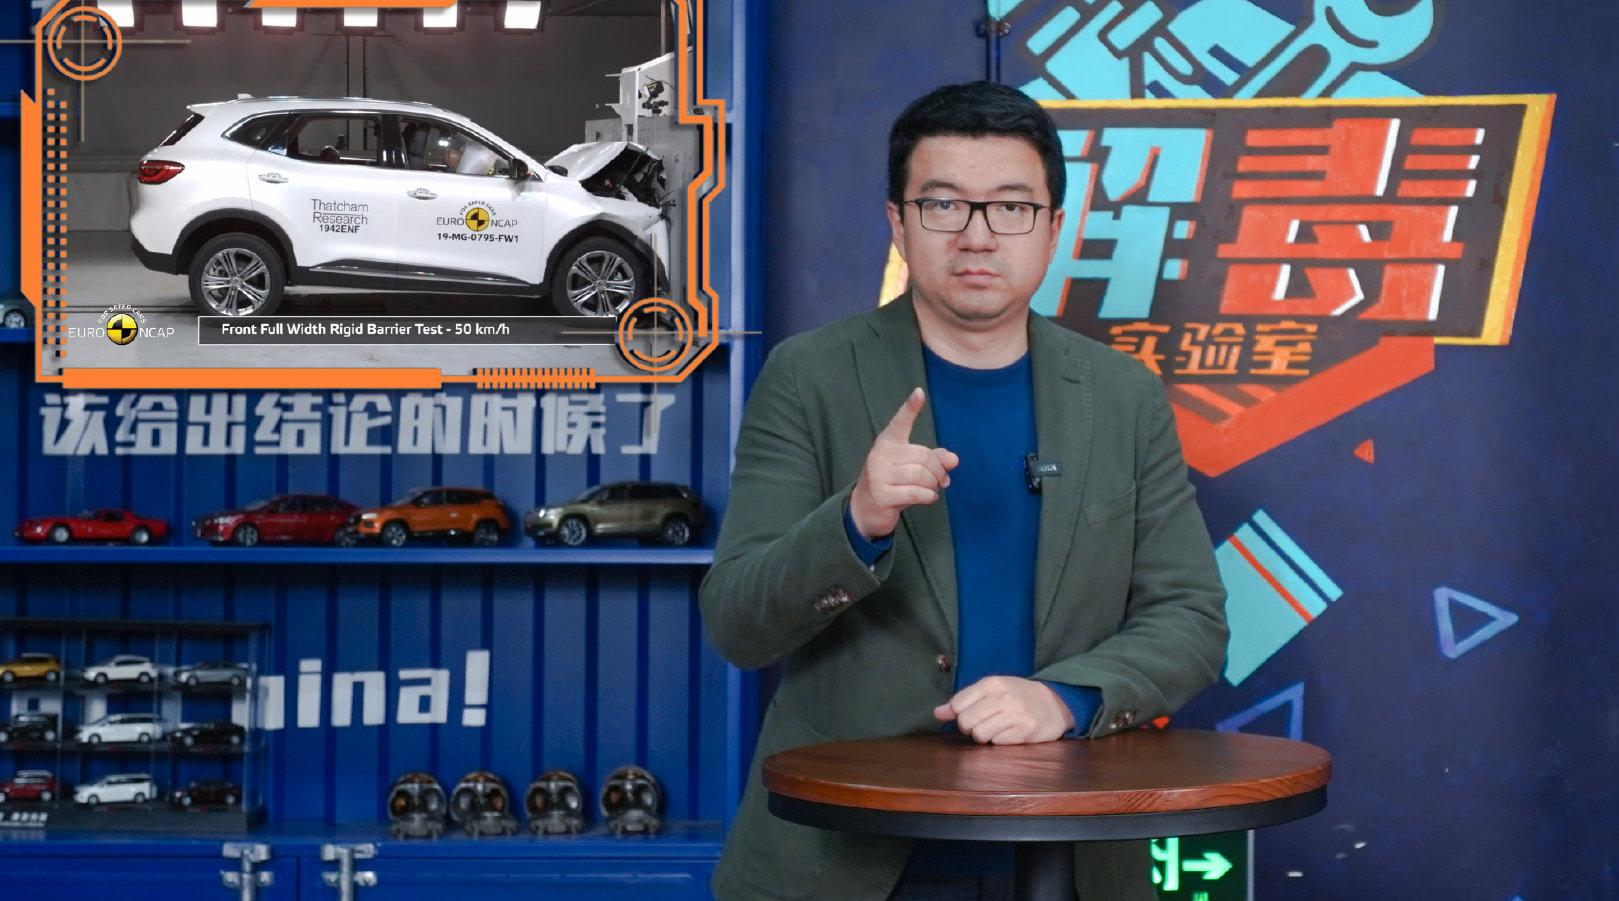 视频:2007年中华尊驰轿车在德国ADAC碰撞测试中只拿到了1星